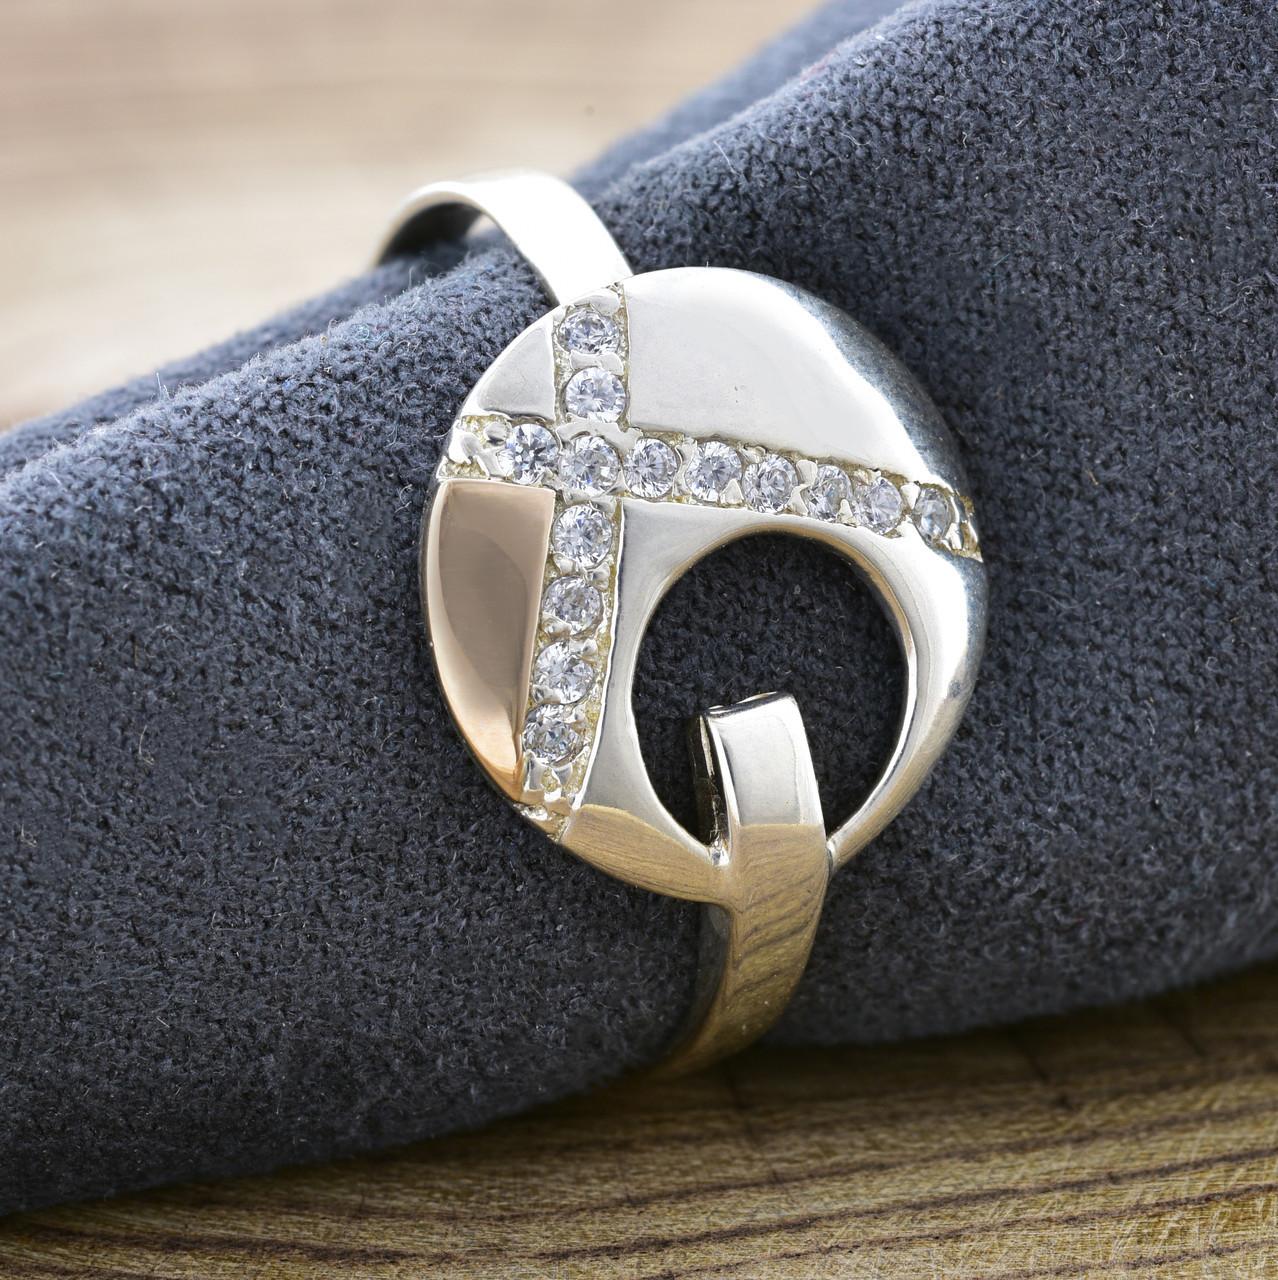 Серебряное кольцо Рассвет, вставка белые фианиты, вес 2.4 г, размер 22